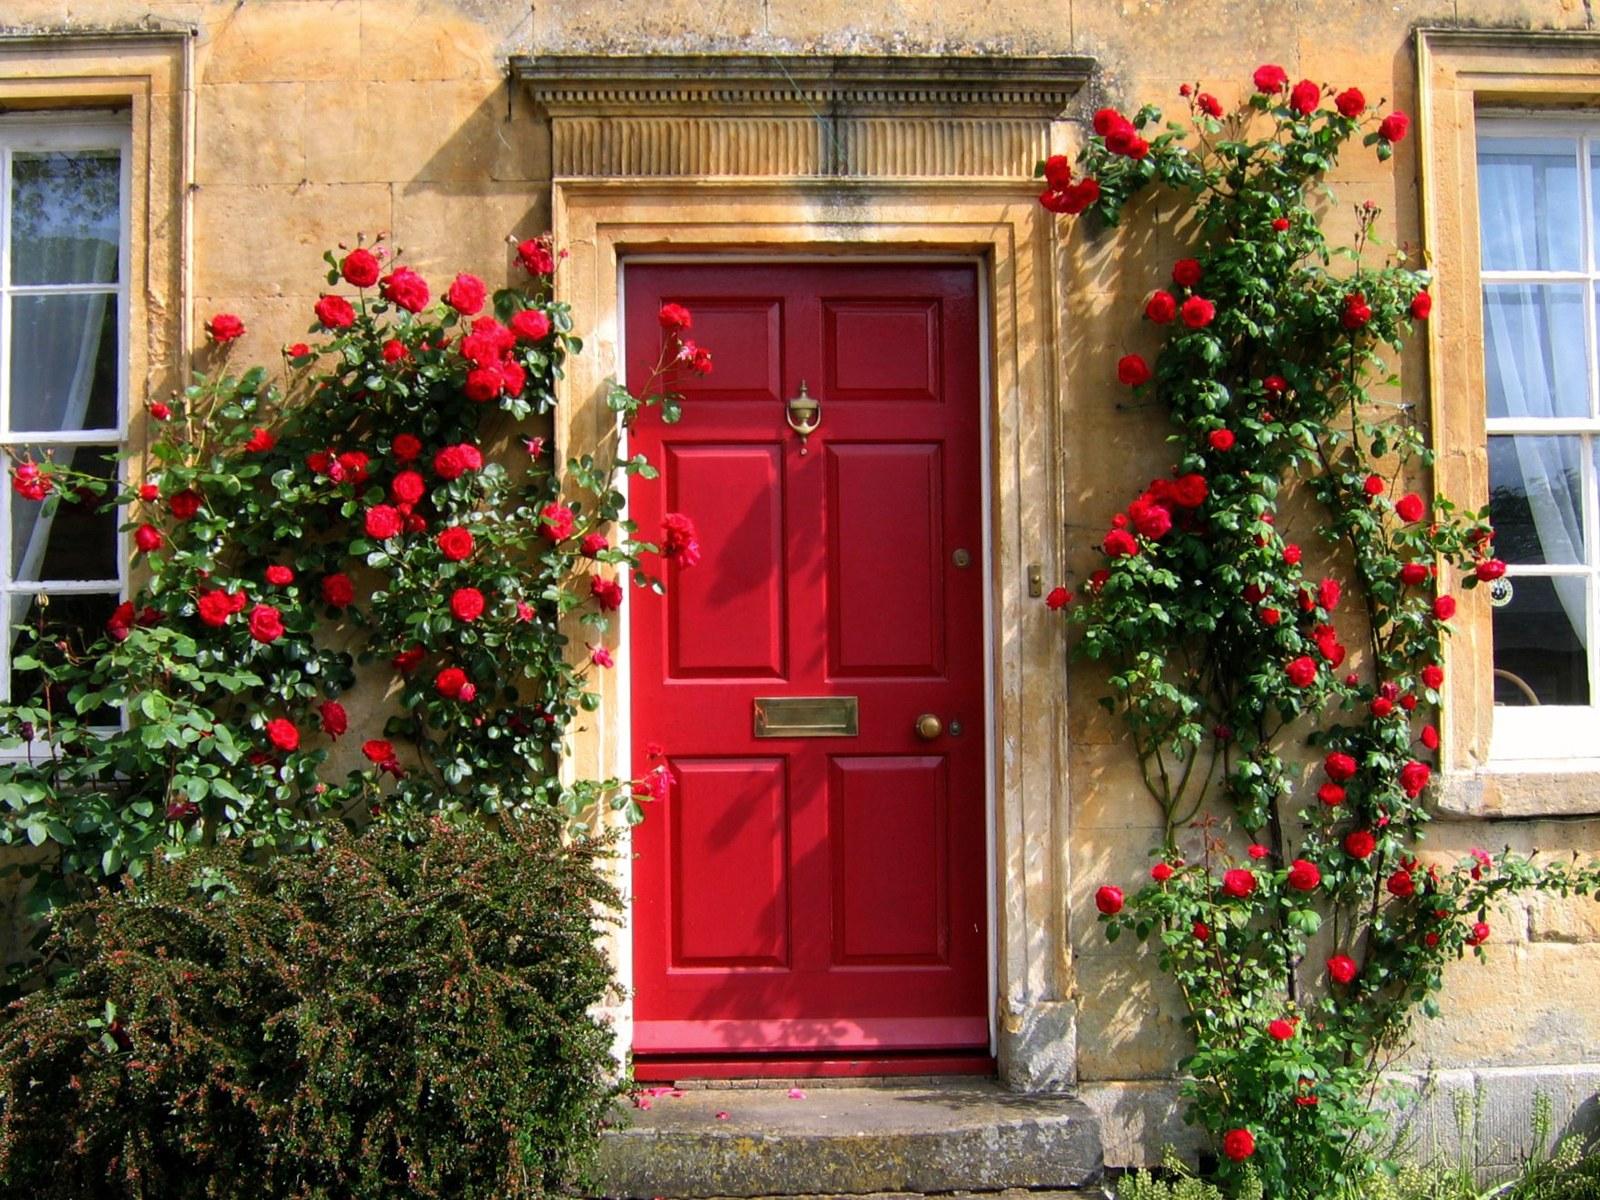 картинка двери в дом красивые можно распечатать документы